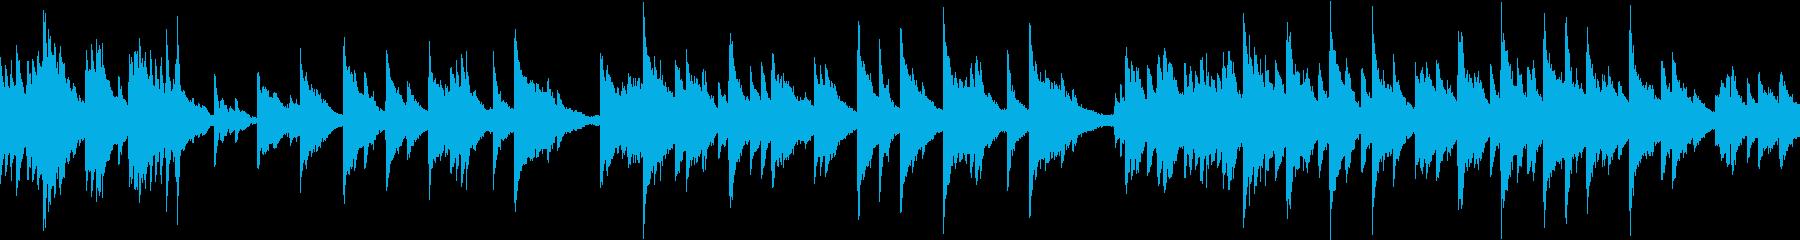 ヒーリング/ピアノ/ループの再生済みの波形